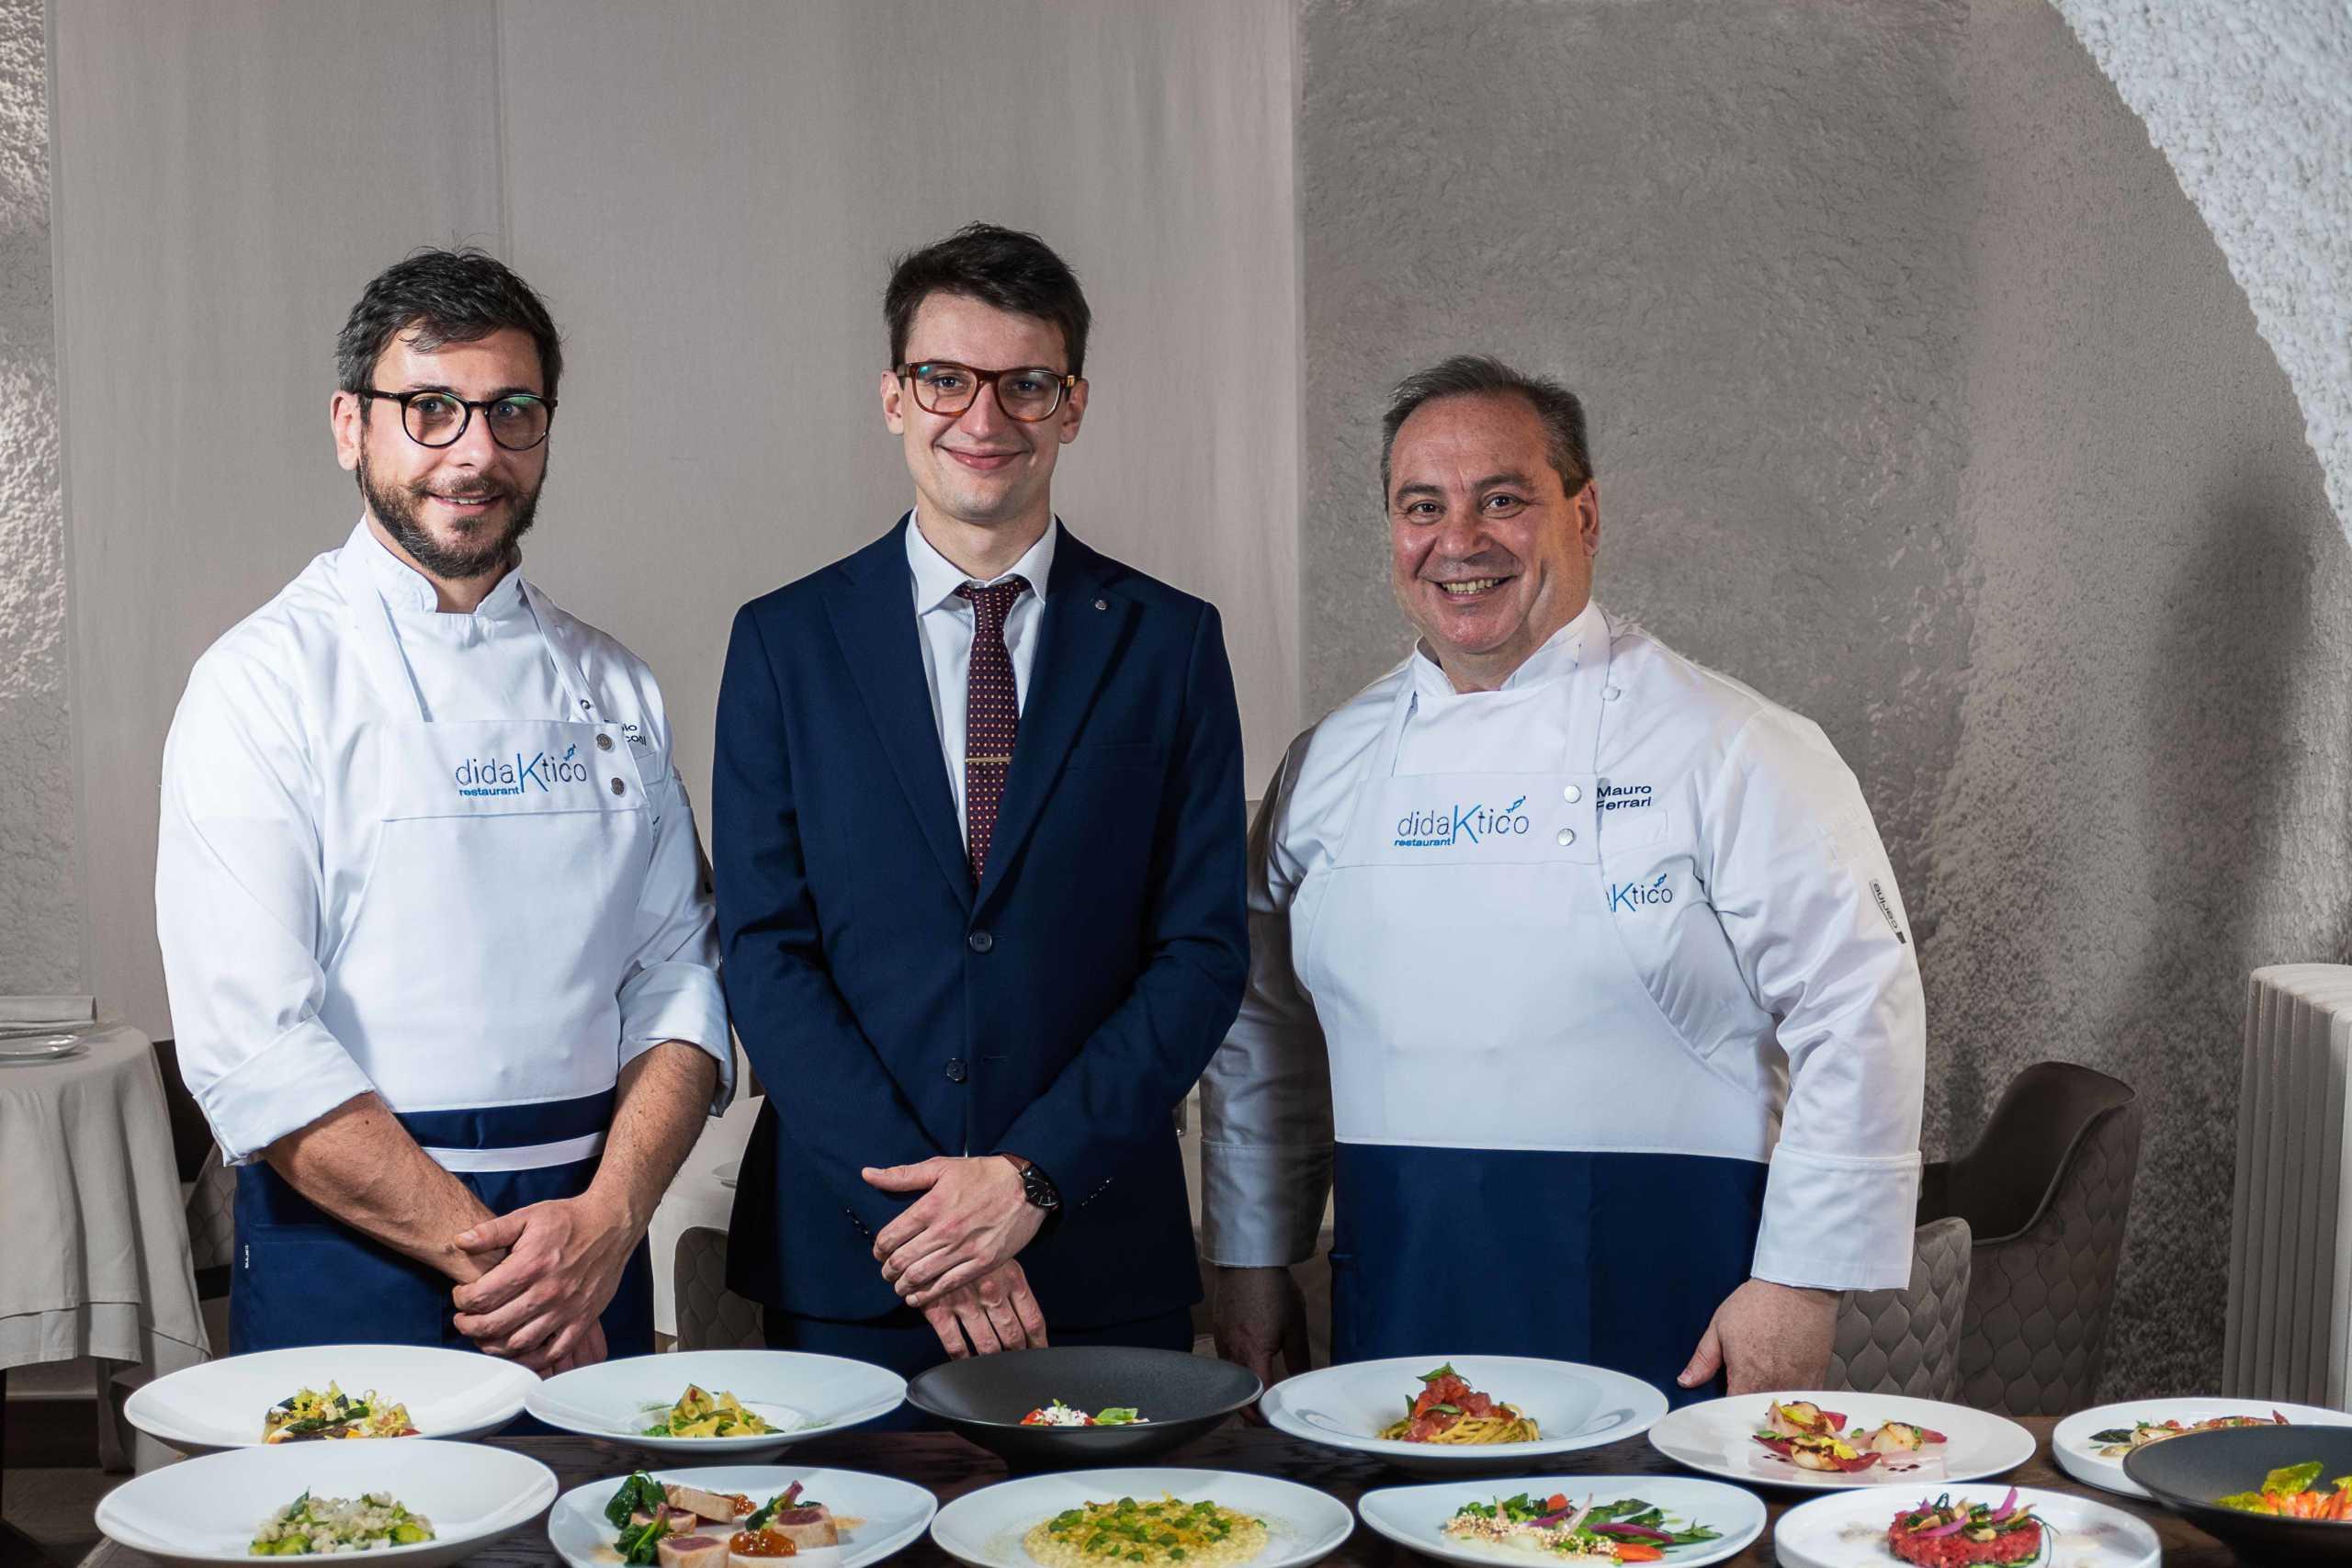 Fabio Moriconi_Francesco Borghetti_Mauro Ferrari